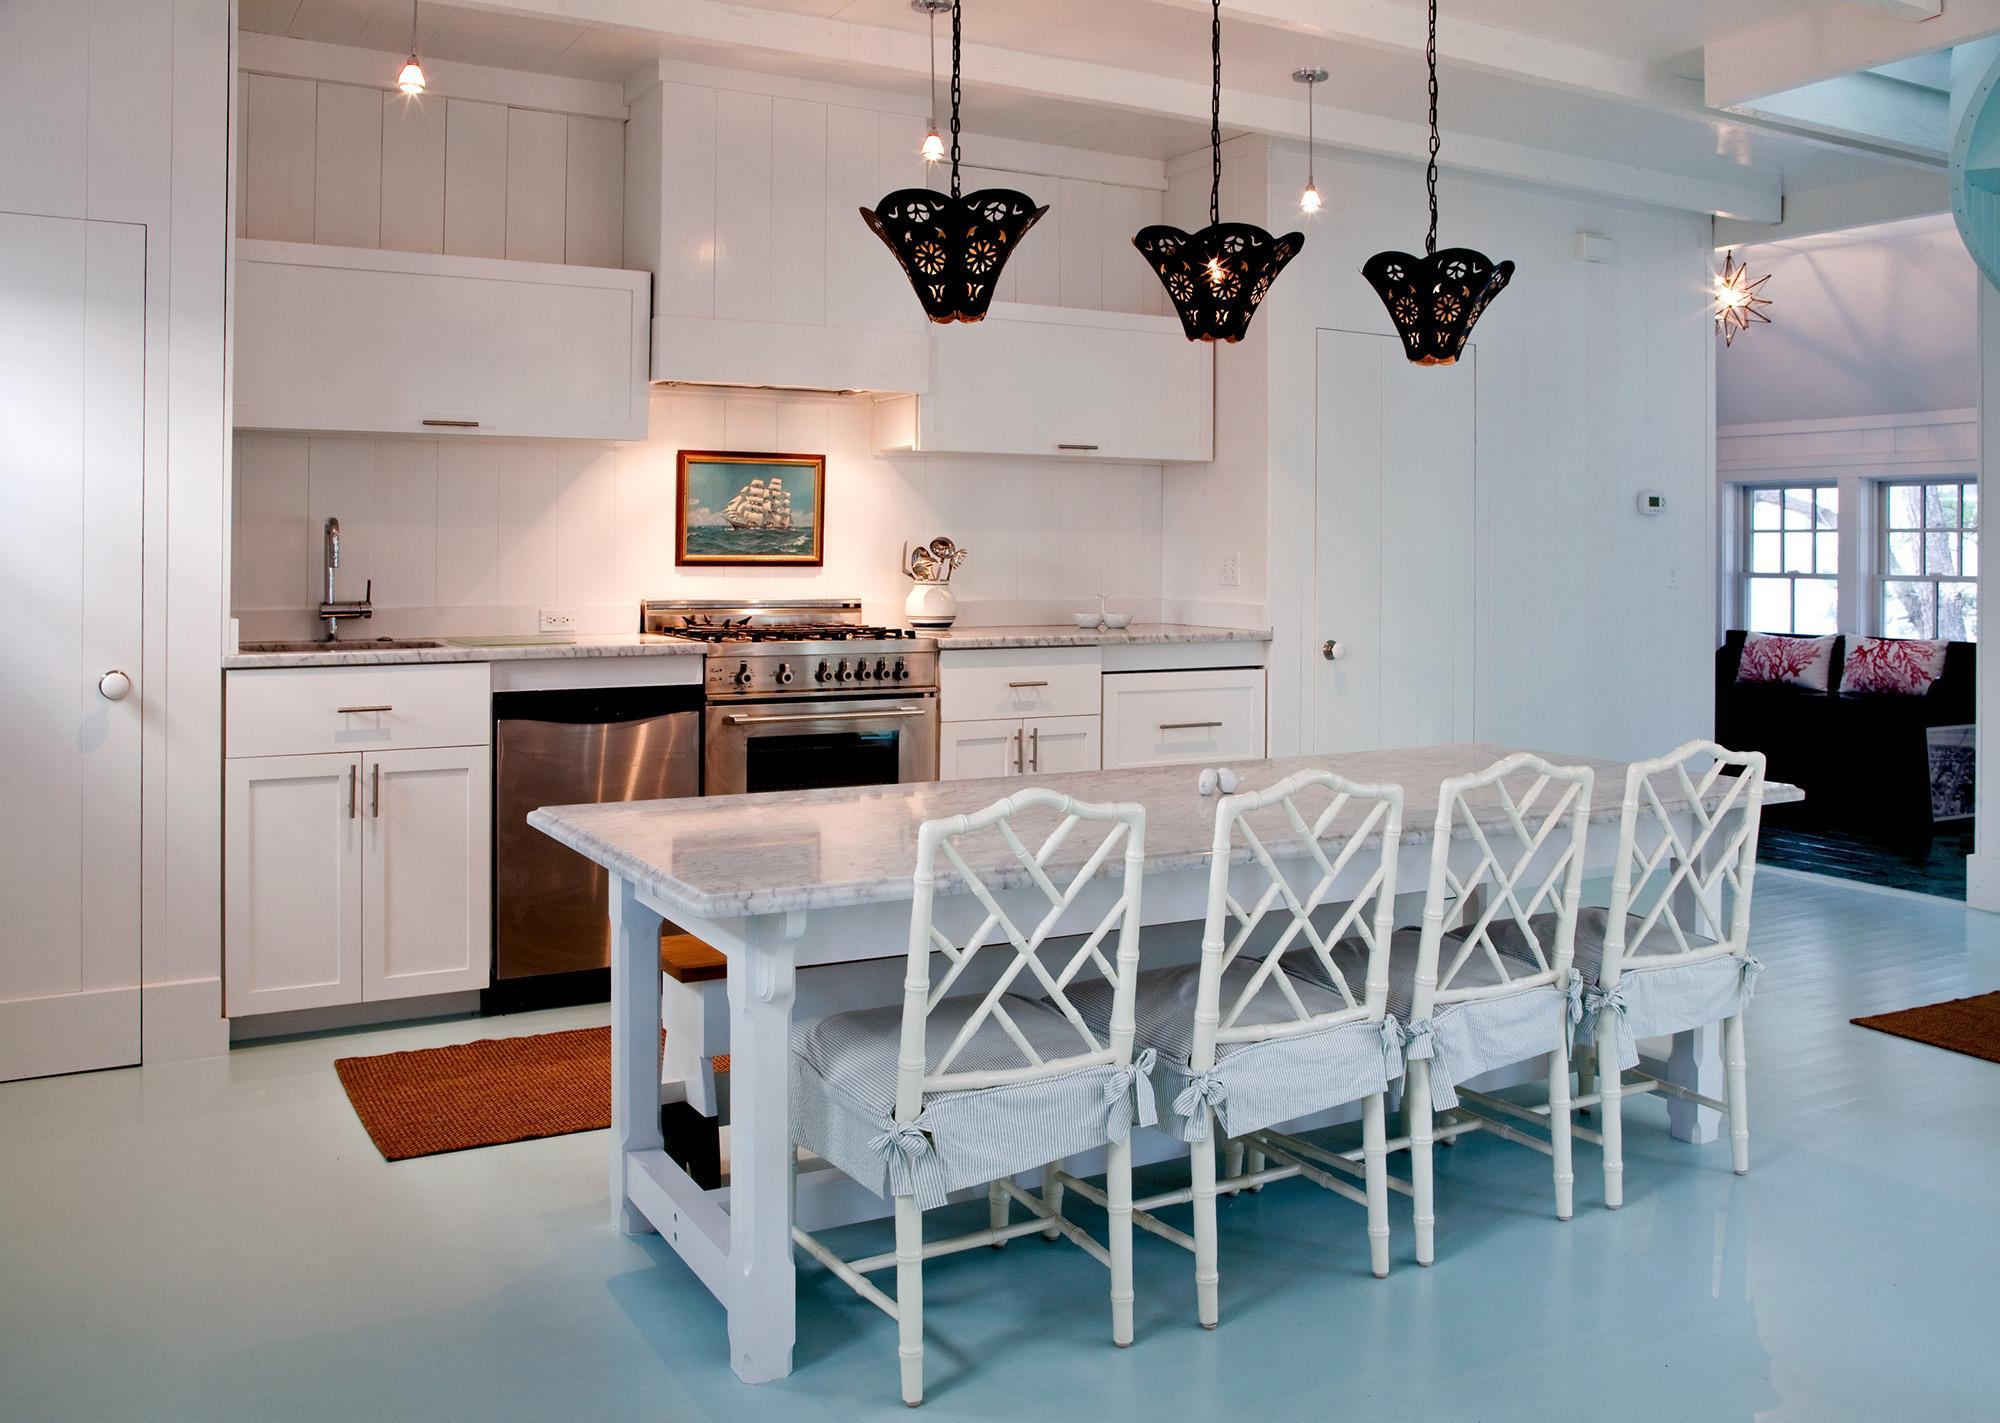 Три лампы над обеденной зоной на кухне